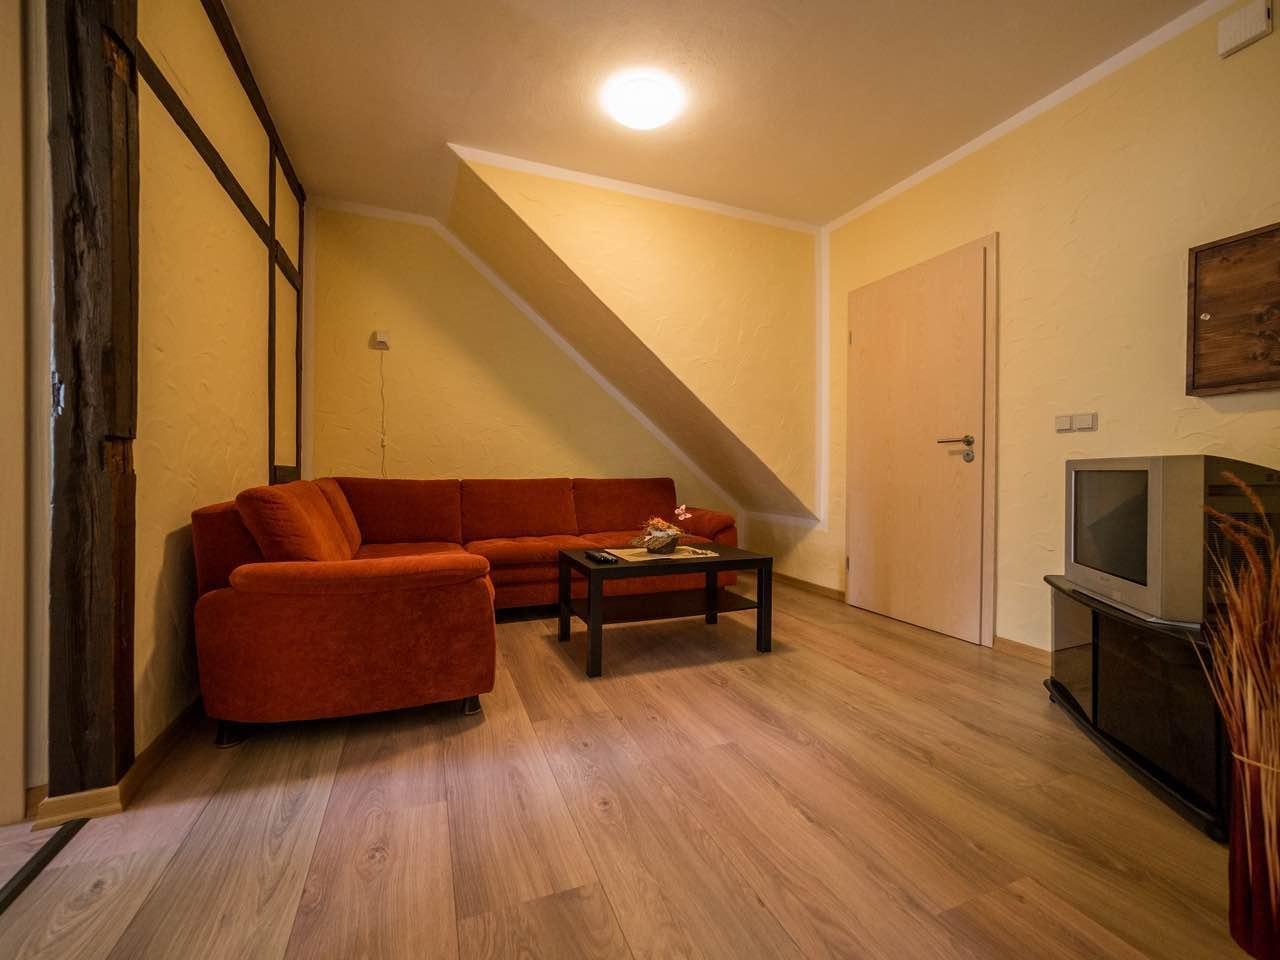 Ferienwohnung 2 (Wohnzimmer)